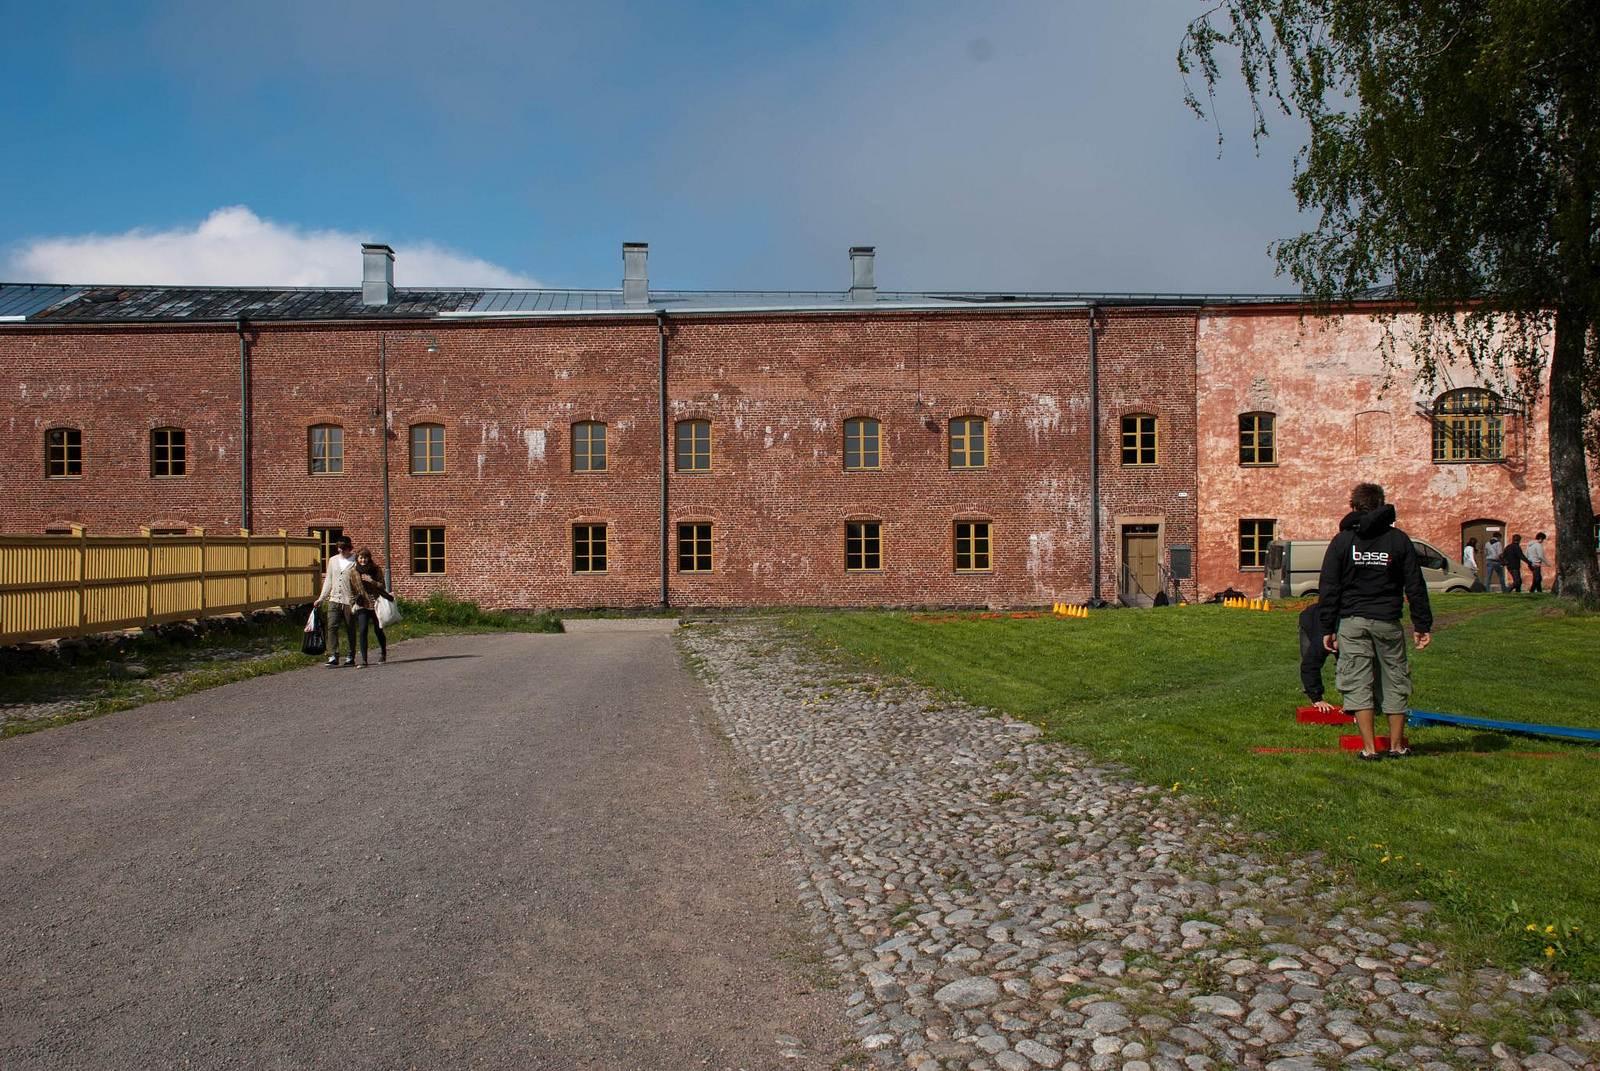 suomenlinna10 The Sea Fortress of Suomenlinna, Finland